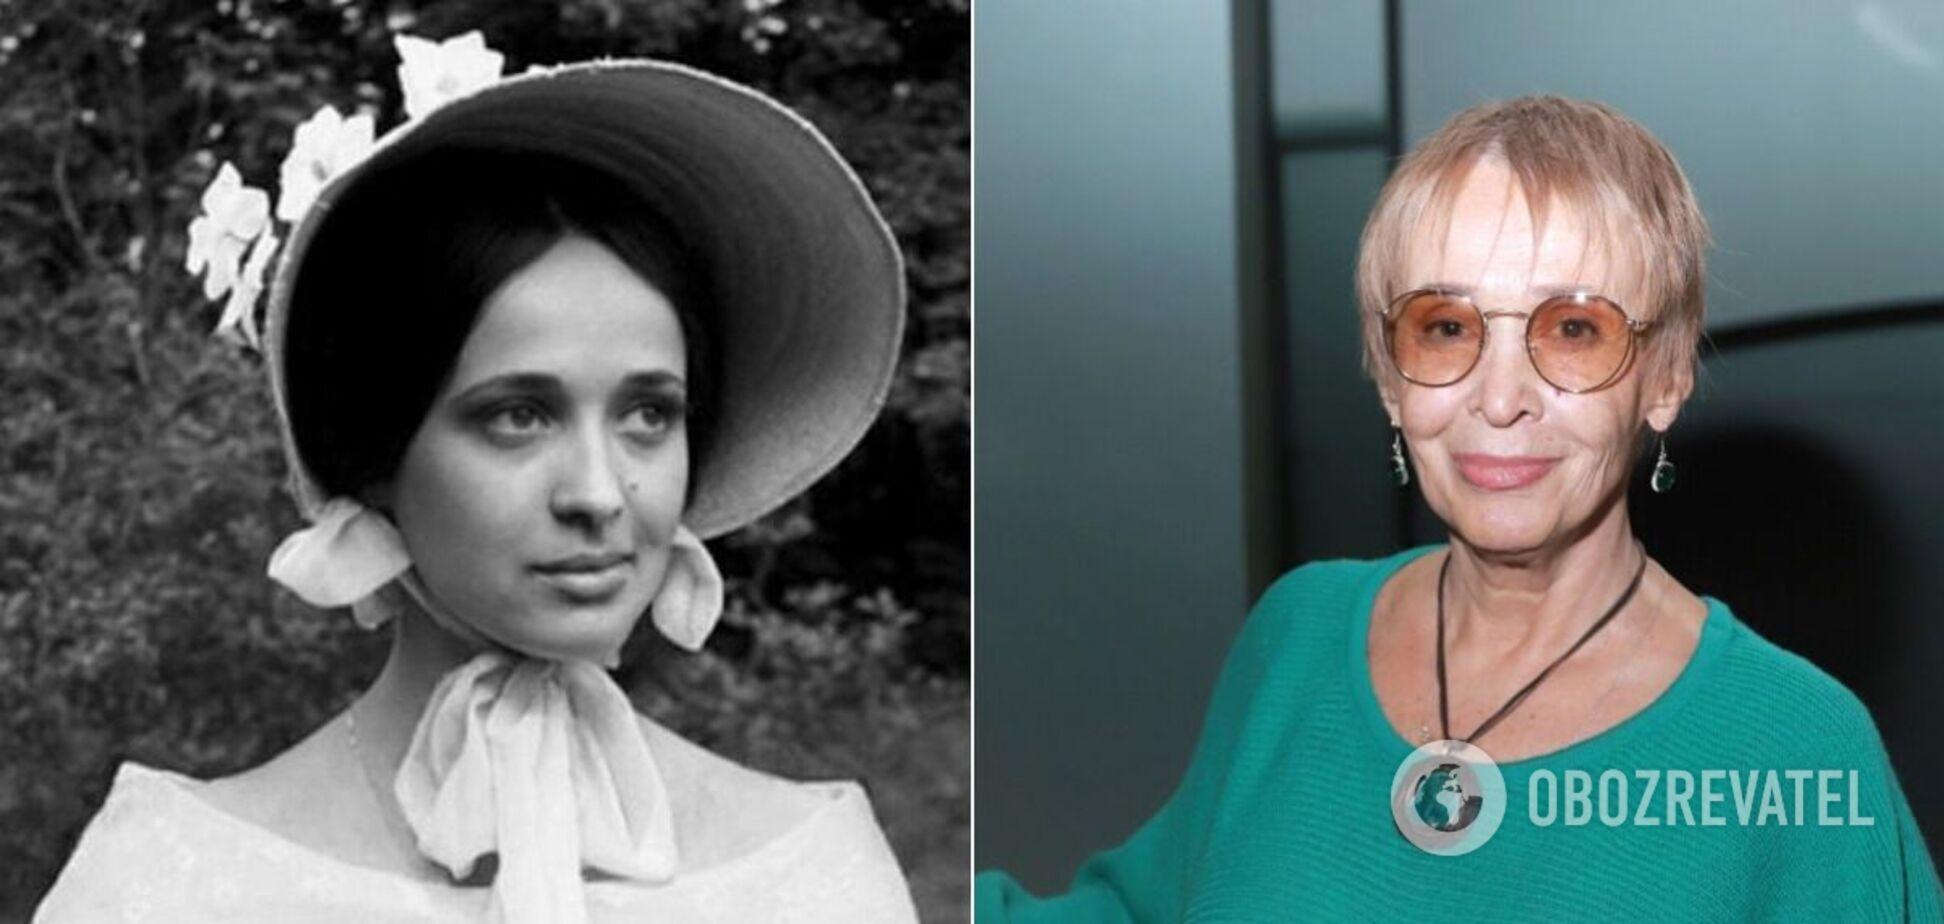 Ирина Печерникова умерла за день до своего 75-летия